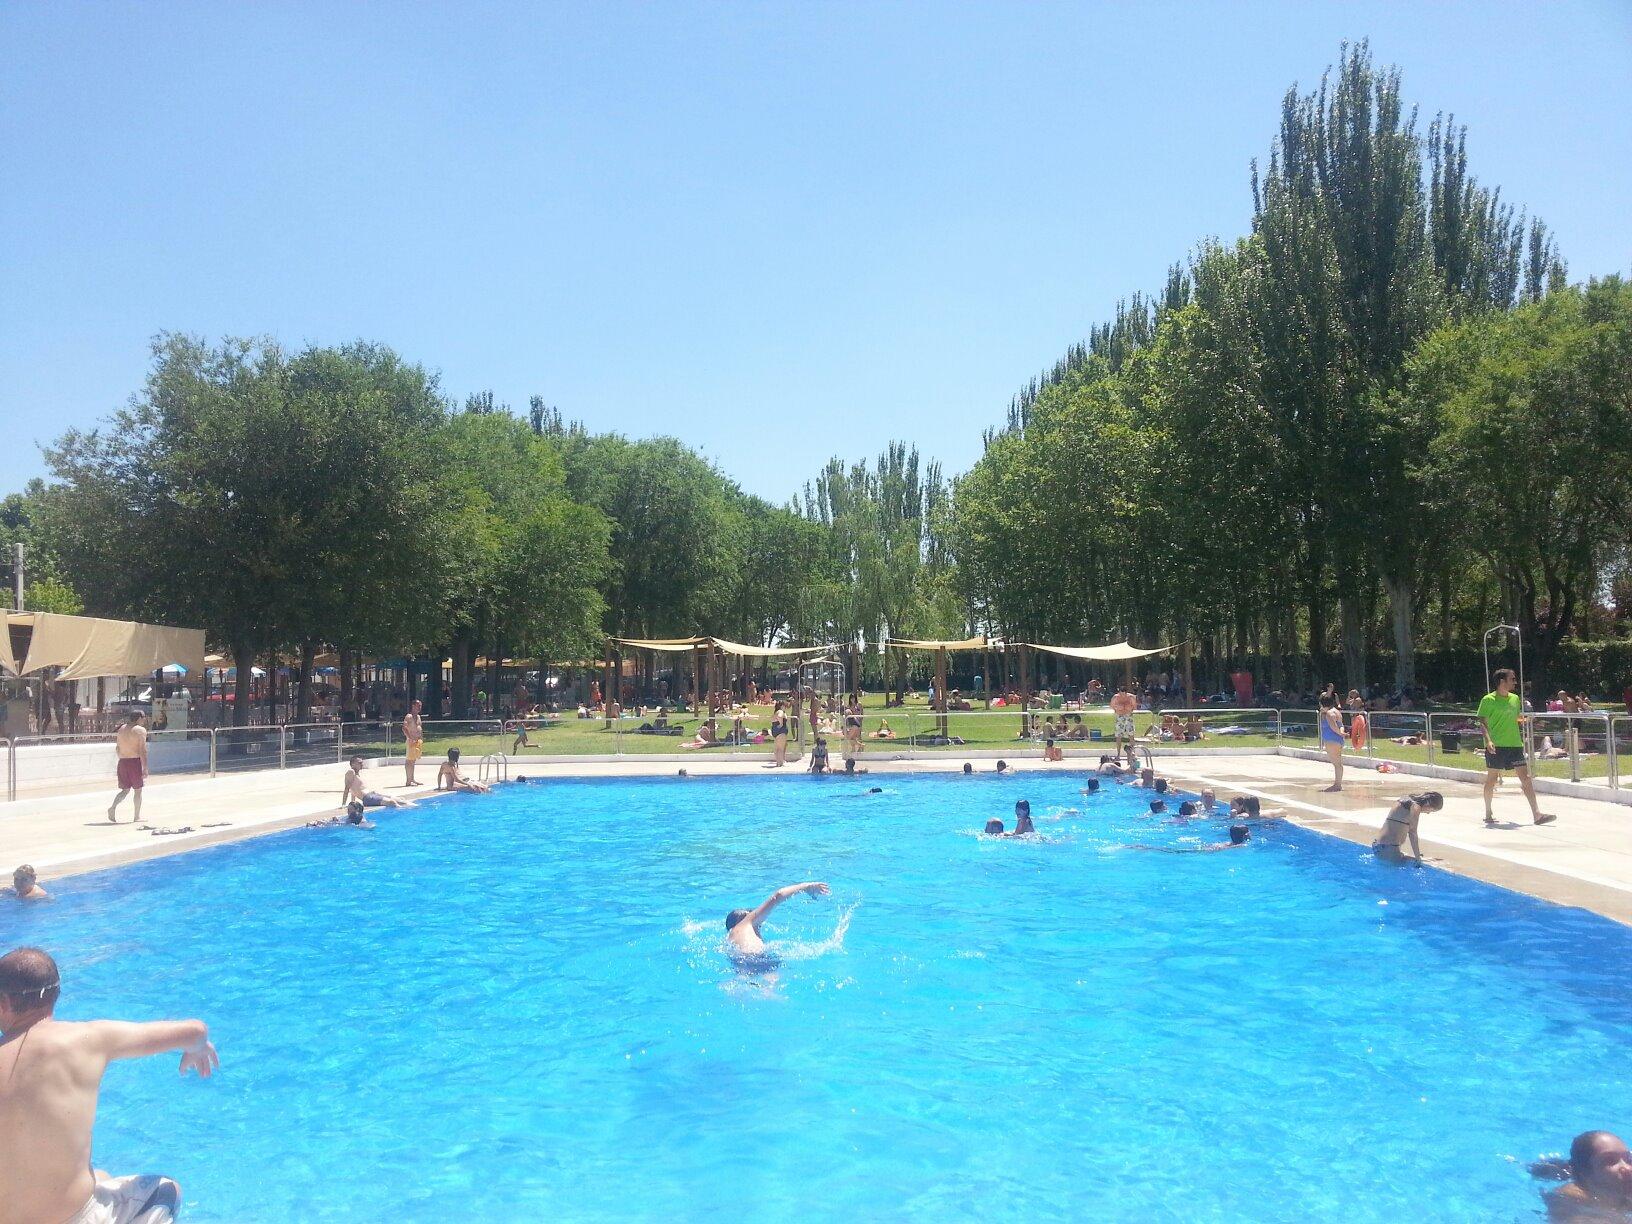 piscina verano en moraleja de enmedio instinto deportivo